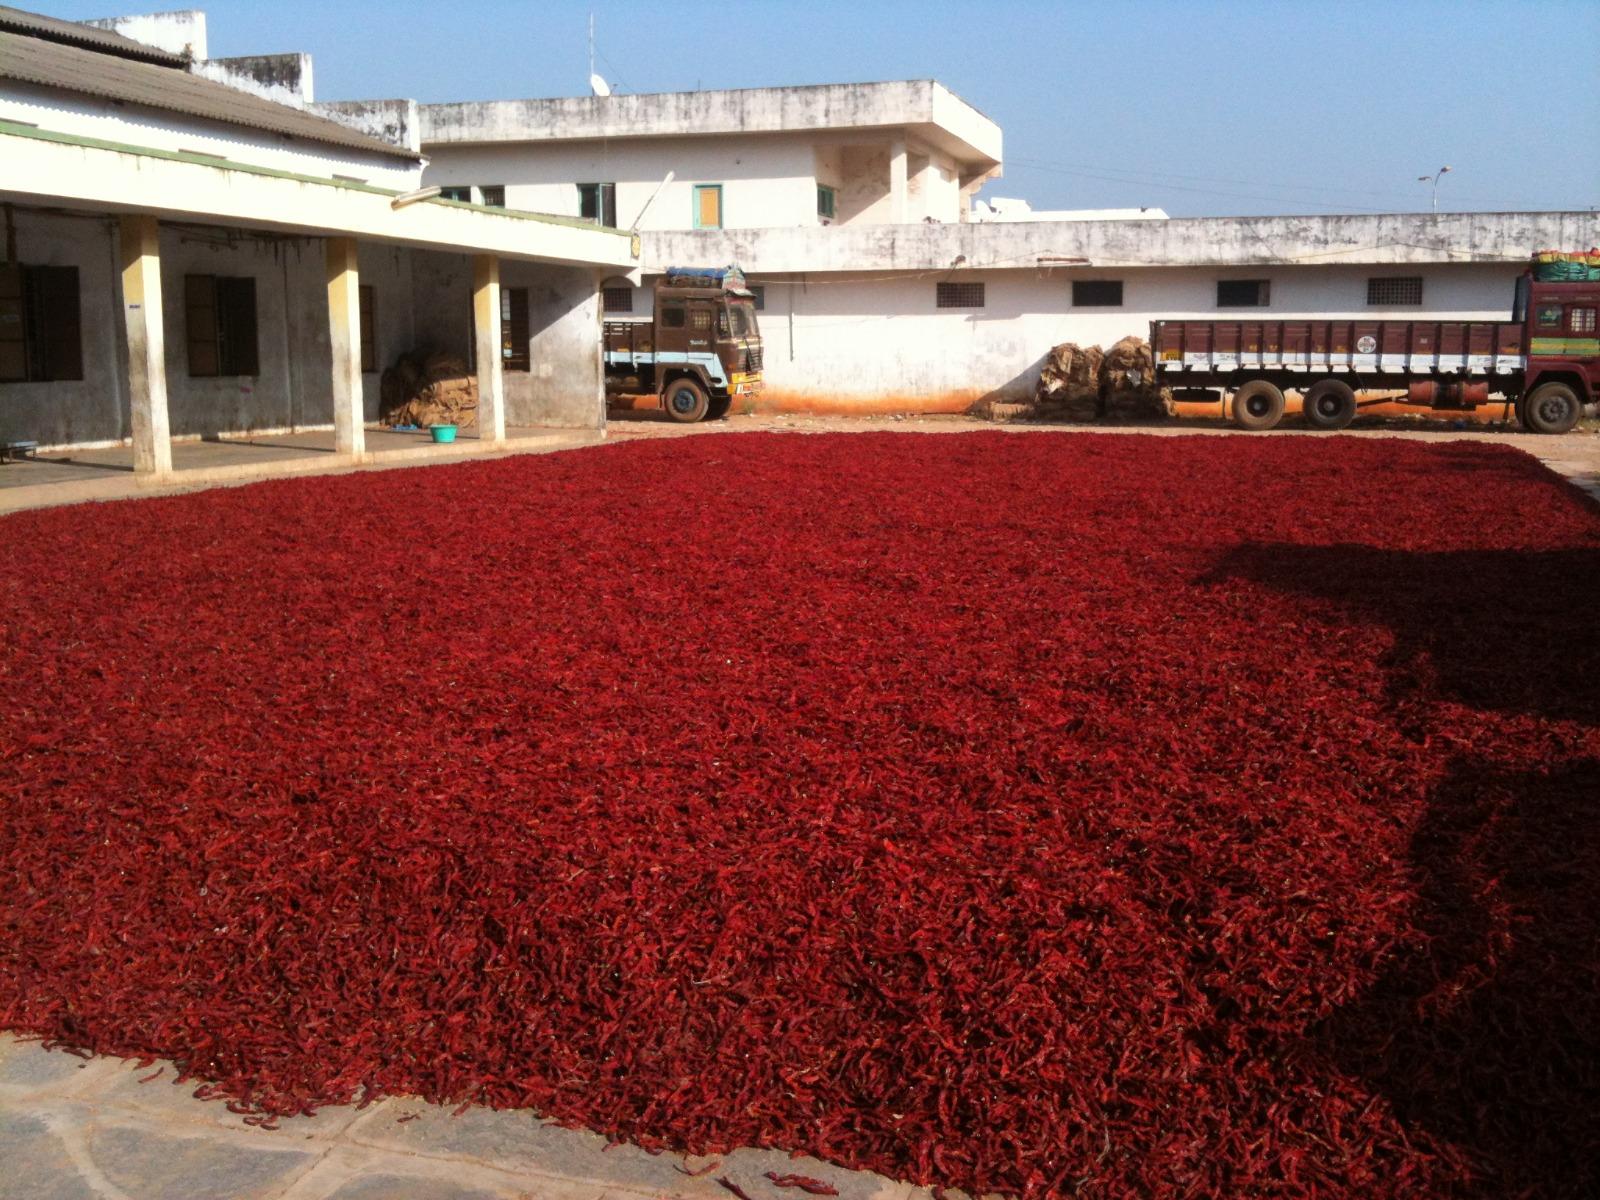 Guntur - Asia's largest Chilli Market